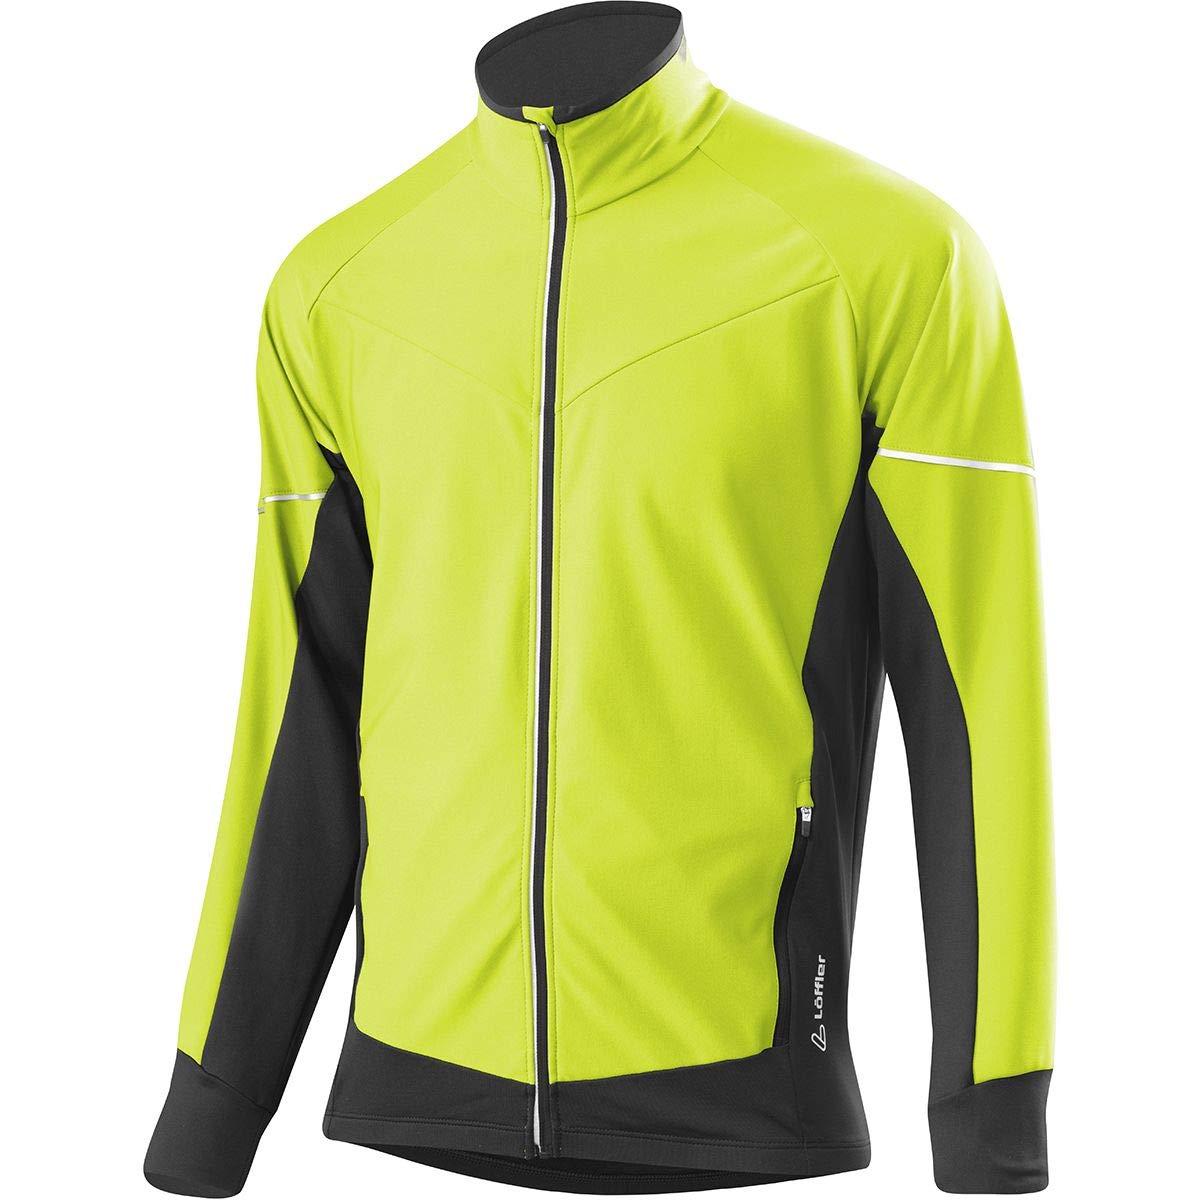 Loeffler Jacket 1beats2 – Light verdeB076CMBRDP50 | Ad un prezzo prezzo prezzo accessibile  | Offerta Speciale  | Materiali Di Qualità Superiore  | Di Nuovi Prodotti 2019  | Grande Svendita  | Cheapest  b27c34